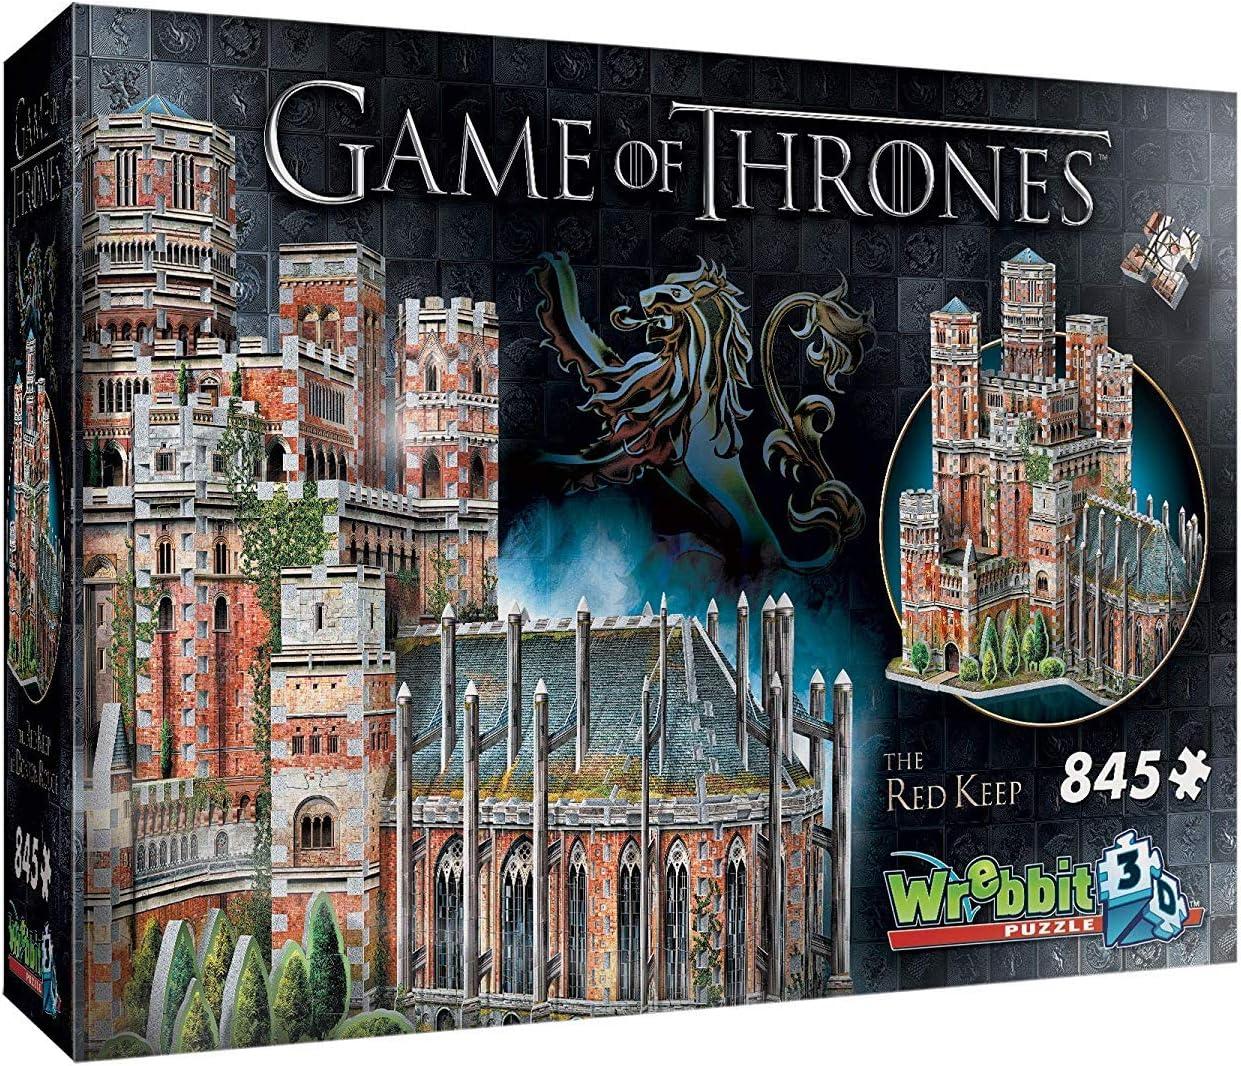 Wrebbit 3D Juego de Tronos Red Collection Mantenga y Juegos Invernalia Combo Pack 3D Jigsaw (1755 Piezas): Amazon.es: Juguetes y juegos